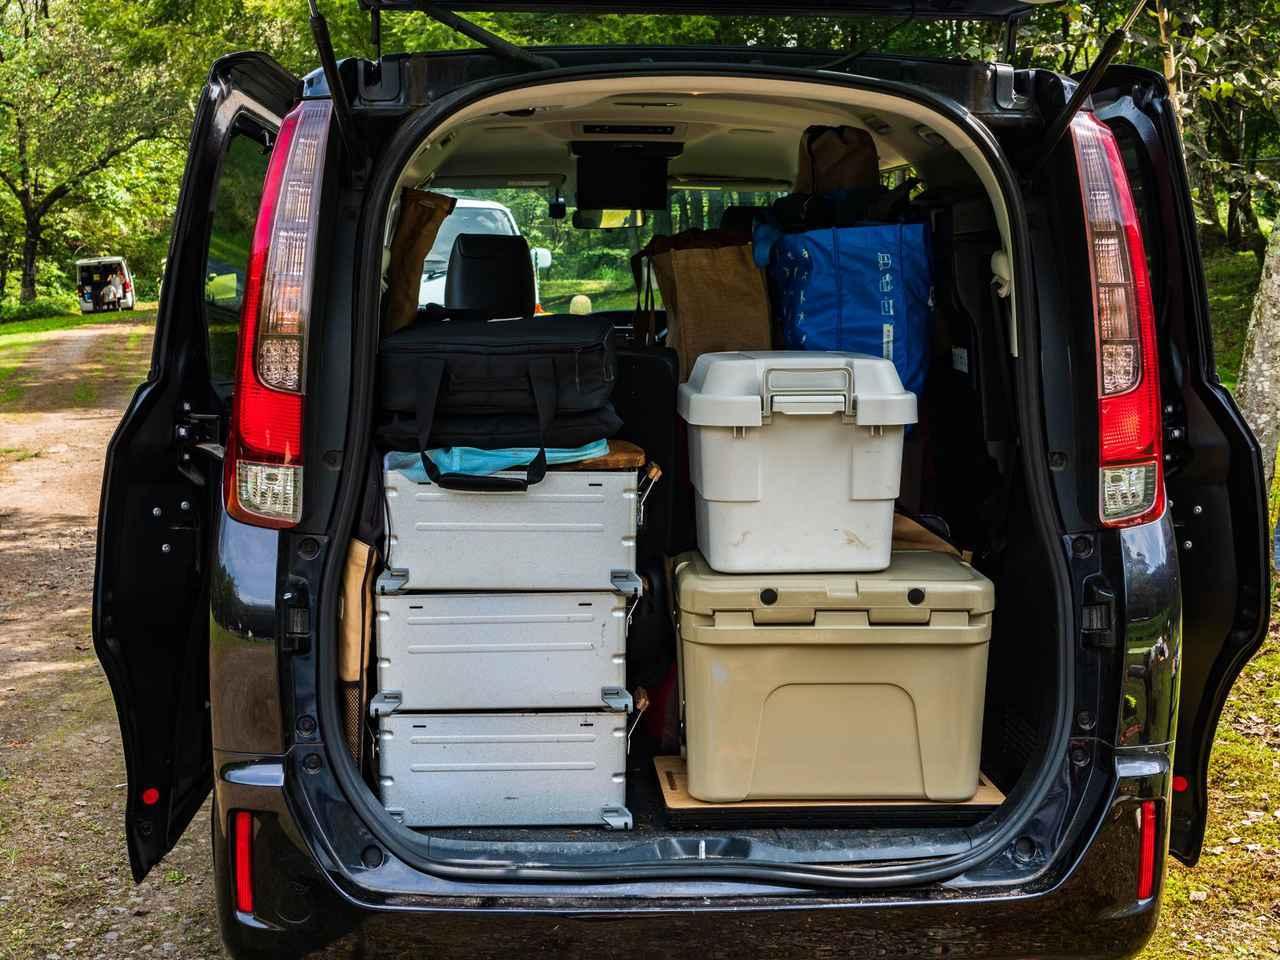 画像: 5人家族キャンプの収納テク&積載のコツ! 食器・調理器具もらくらく!スノーピークのシェルフコンテナが優秀 - ハピキャン(HAPPY CAMPER)